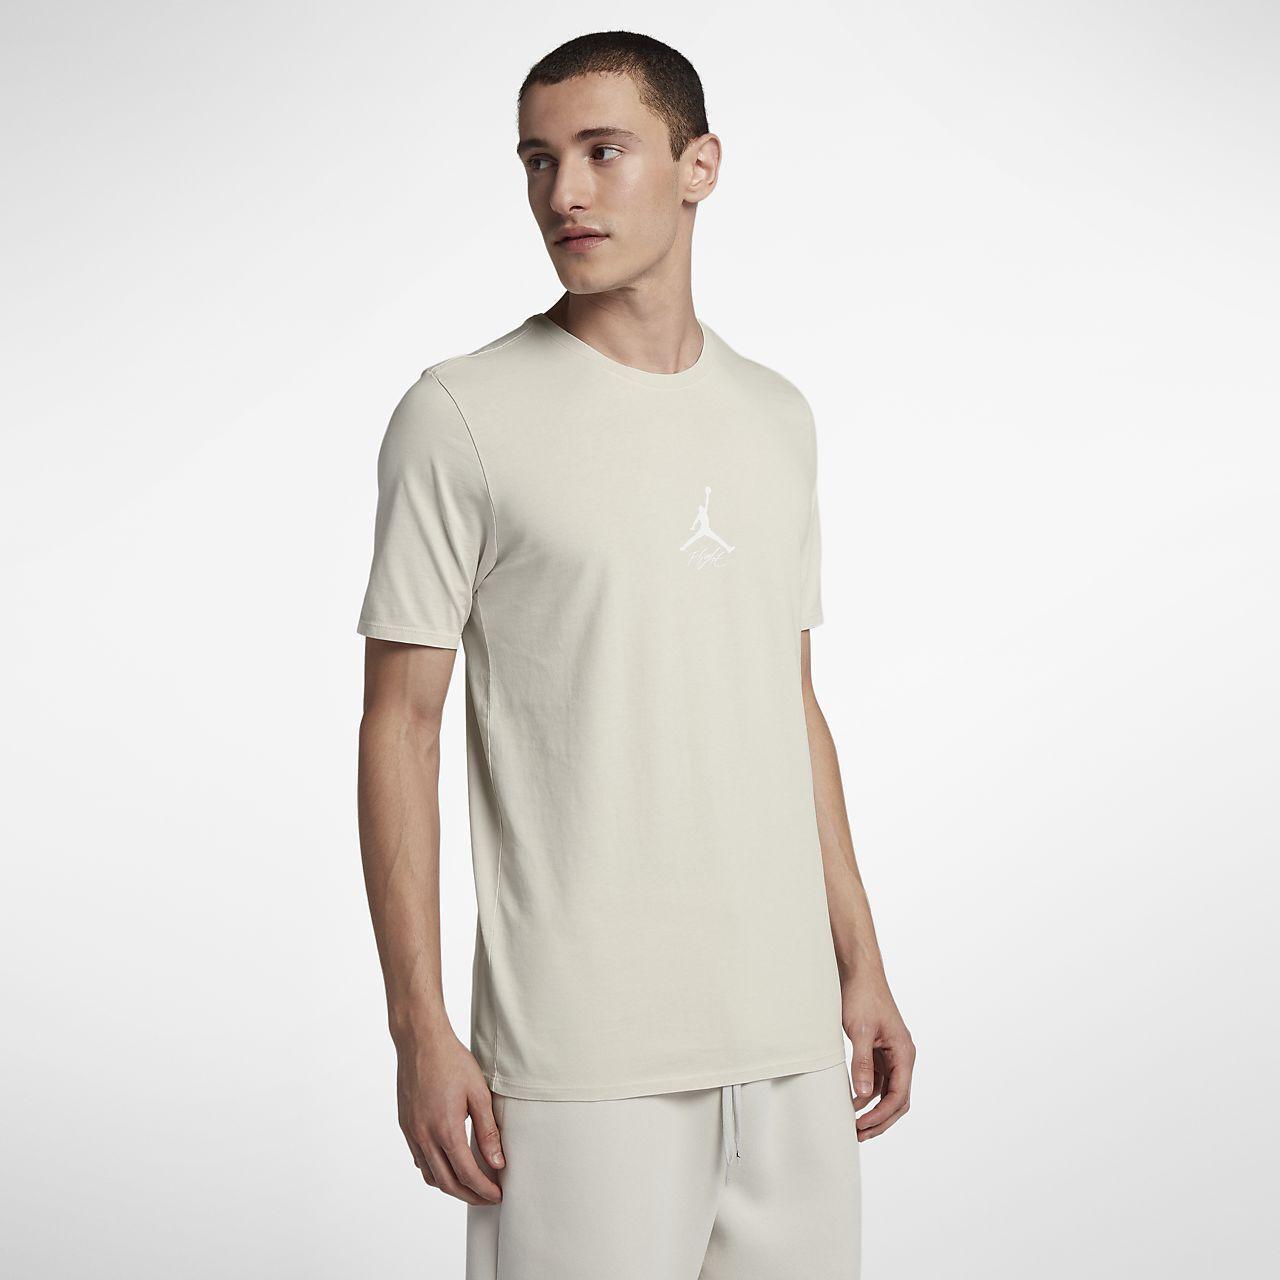 Jordan JSW Wings Washed Tee New Light Bone White Men Sportswear AA1875-072